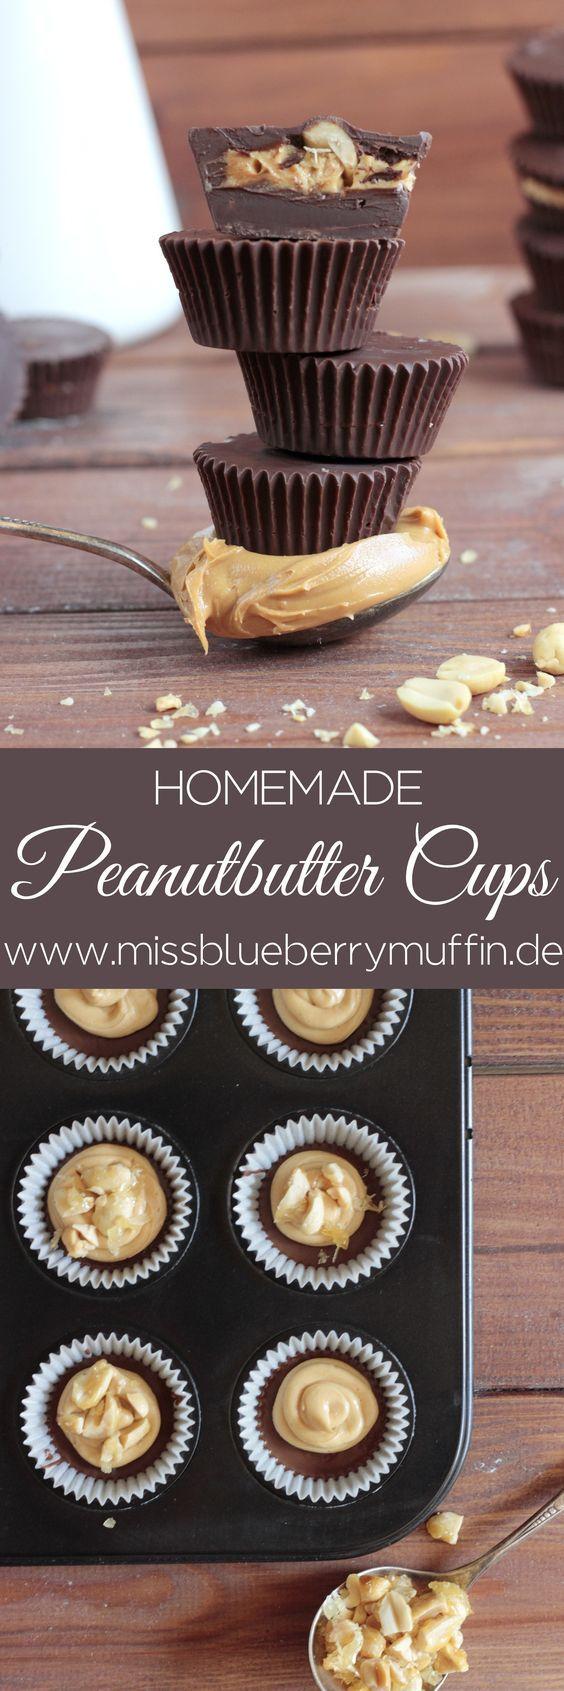 peanutbutter cups mit karamellisierten erdn ssen selber machen homemade peanutbutter cups. Black Bedroom Furniture Sets. Home Design Ideas